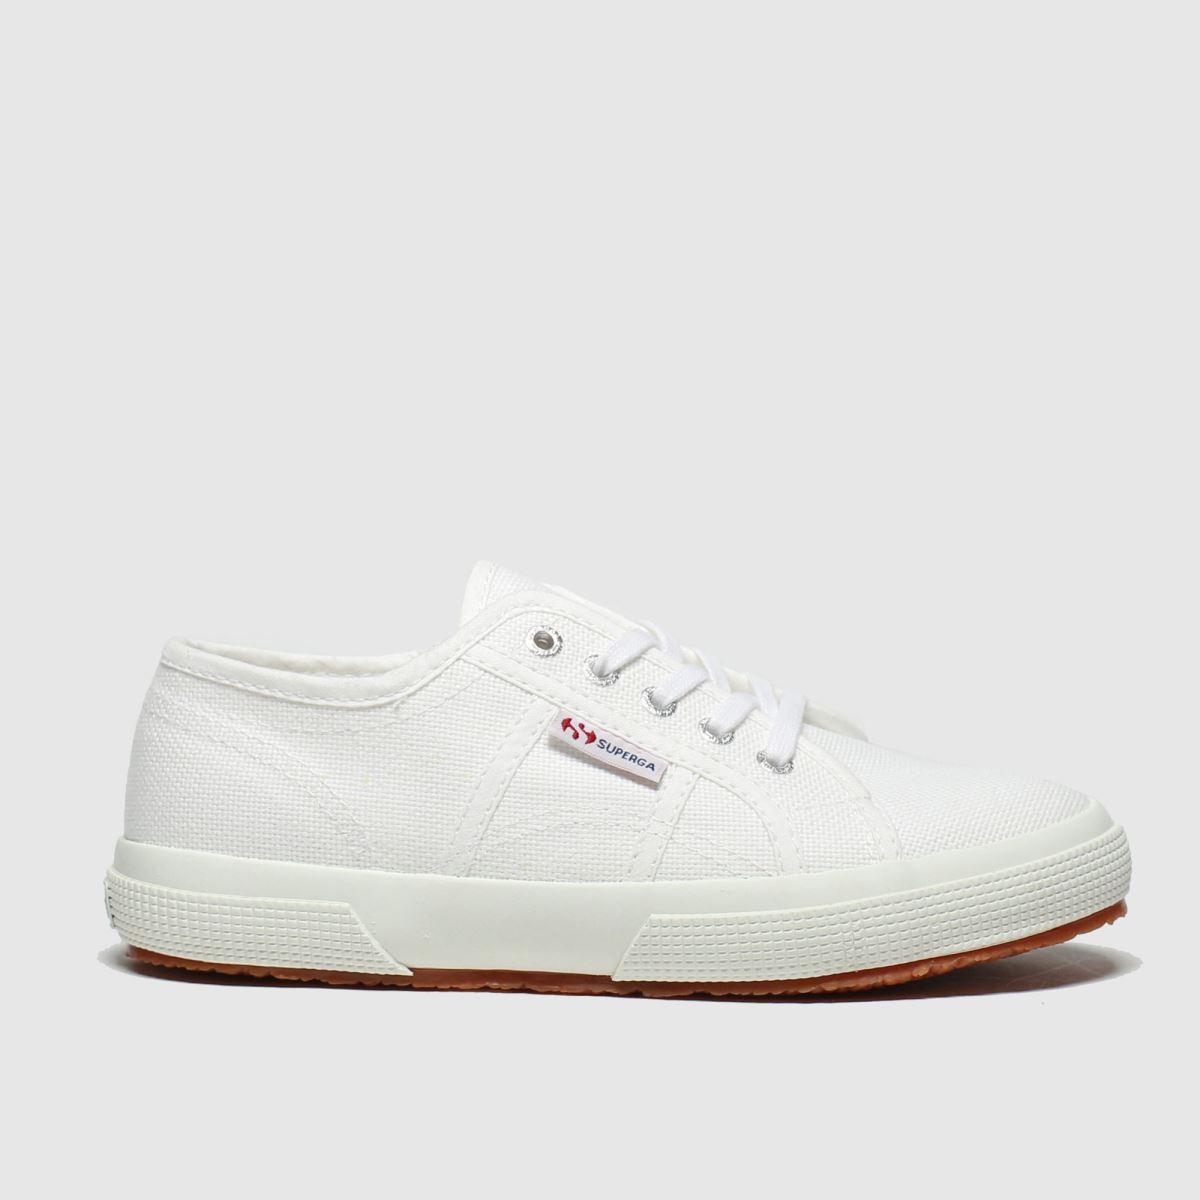 Superga White 2750 Classic Trainers Junior